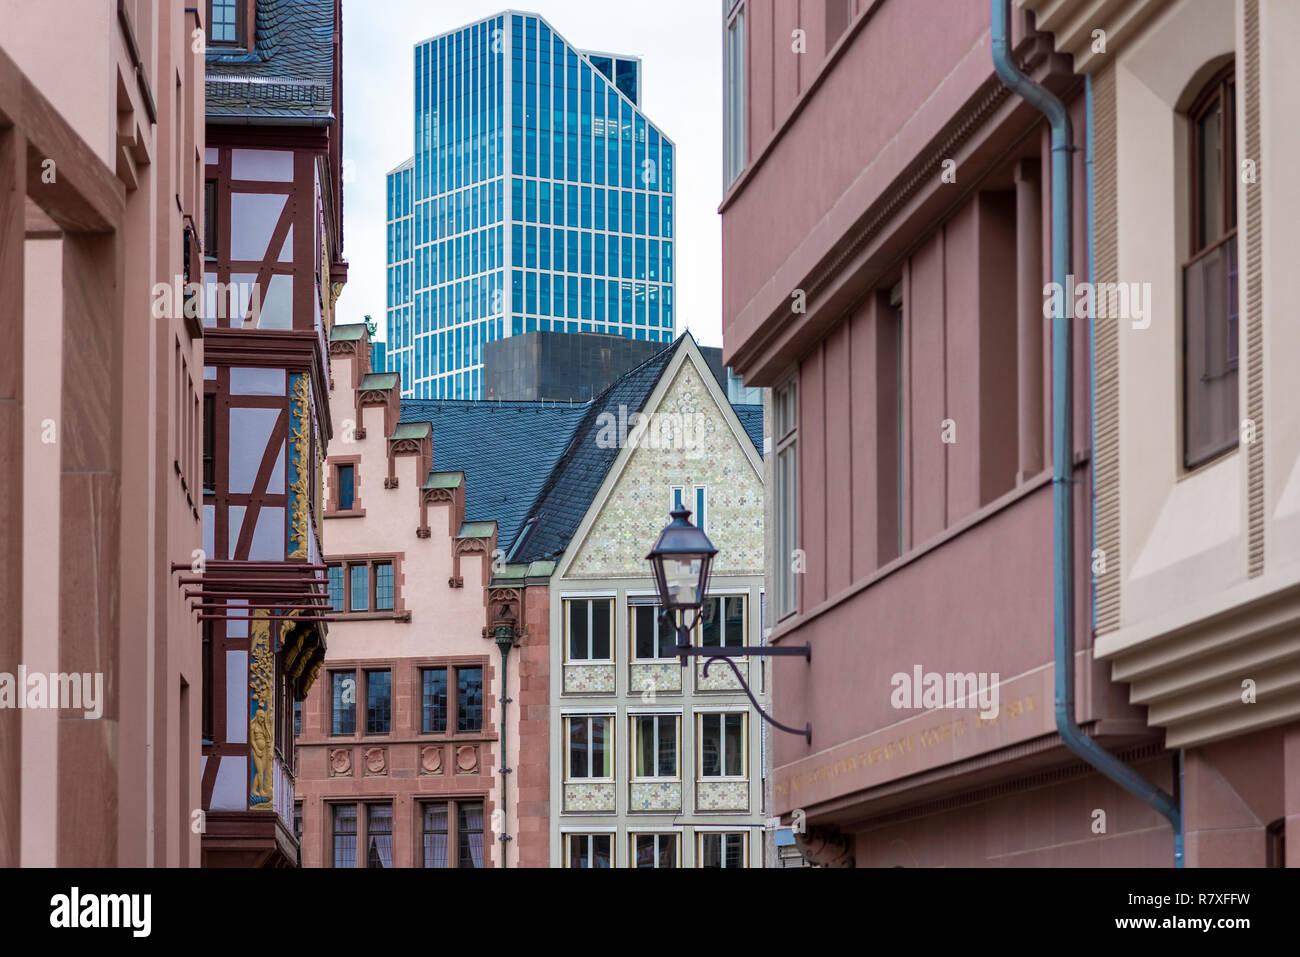 Die neue Altstadt in Frankfurt am Main - Stock Image